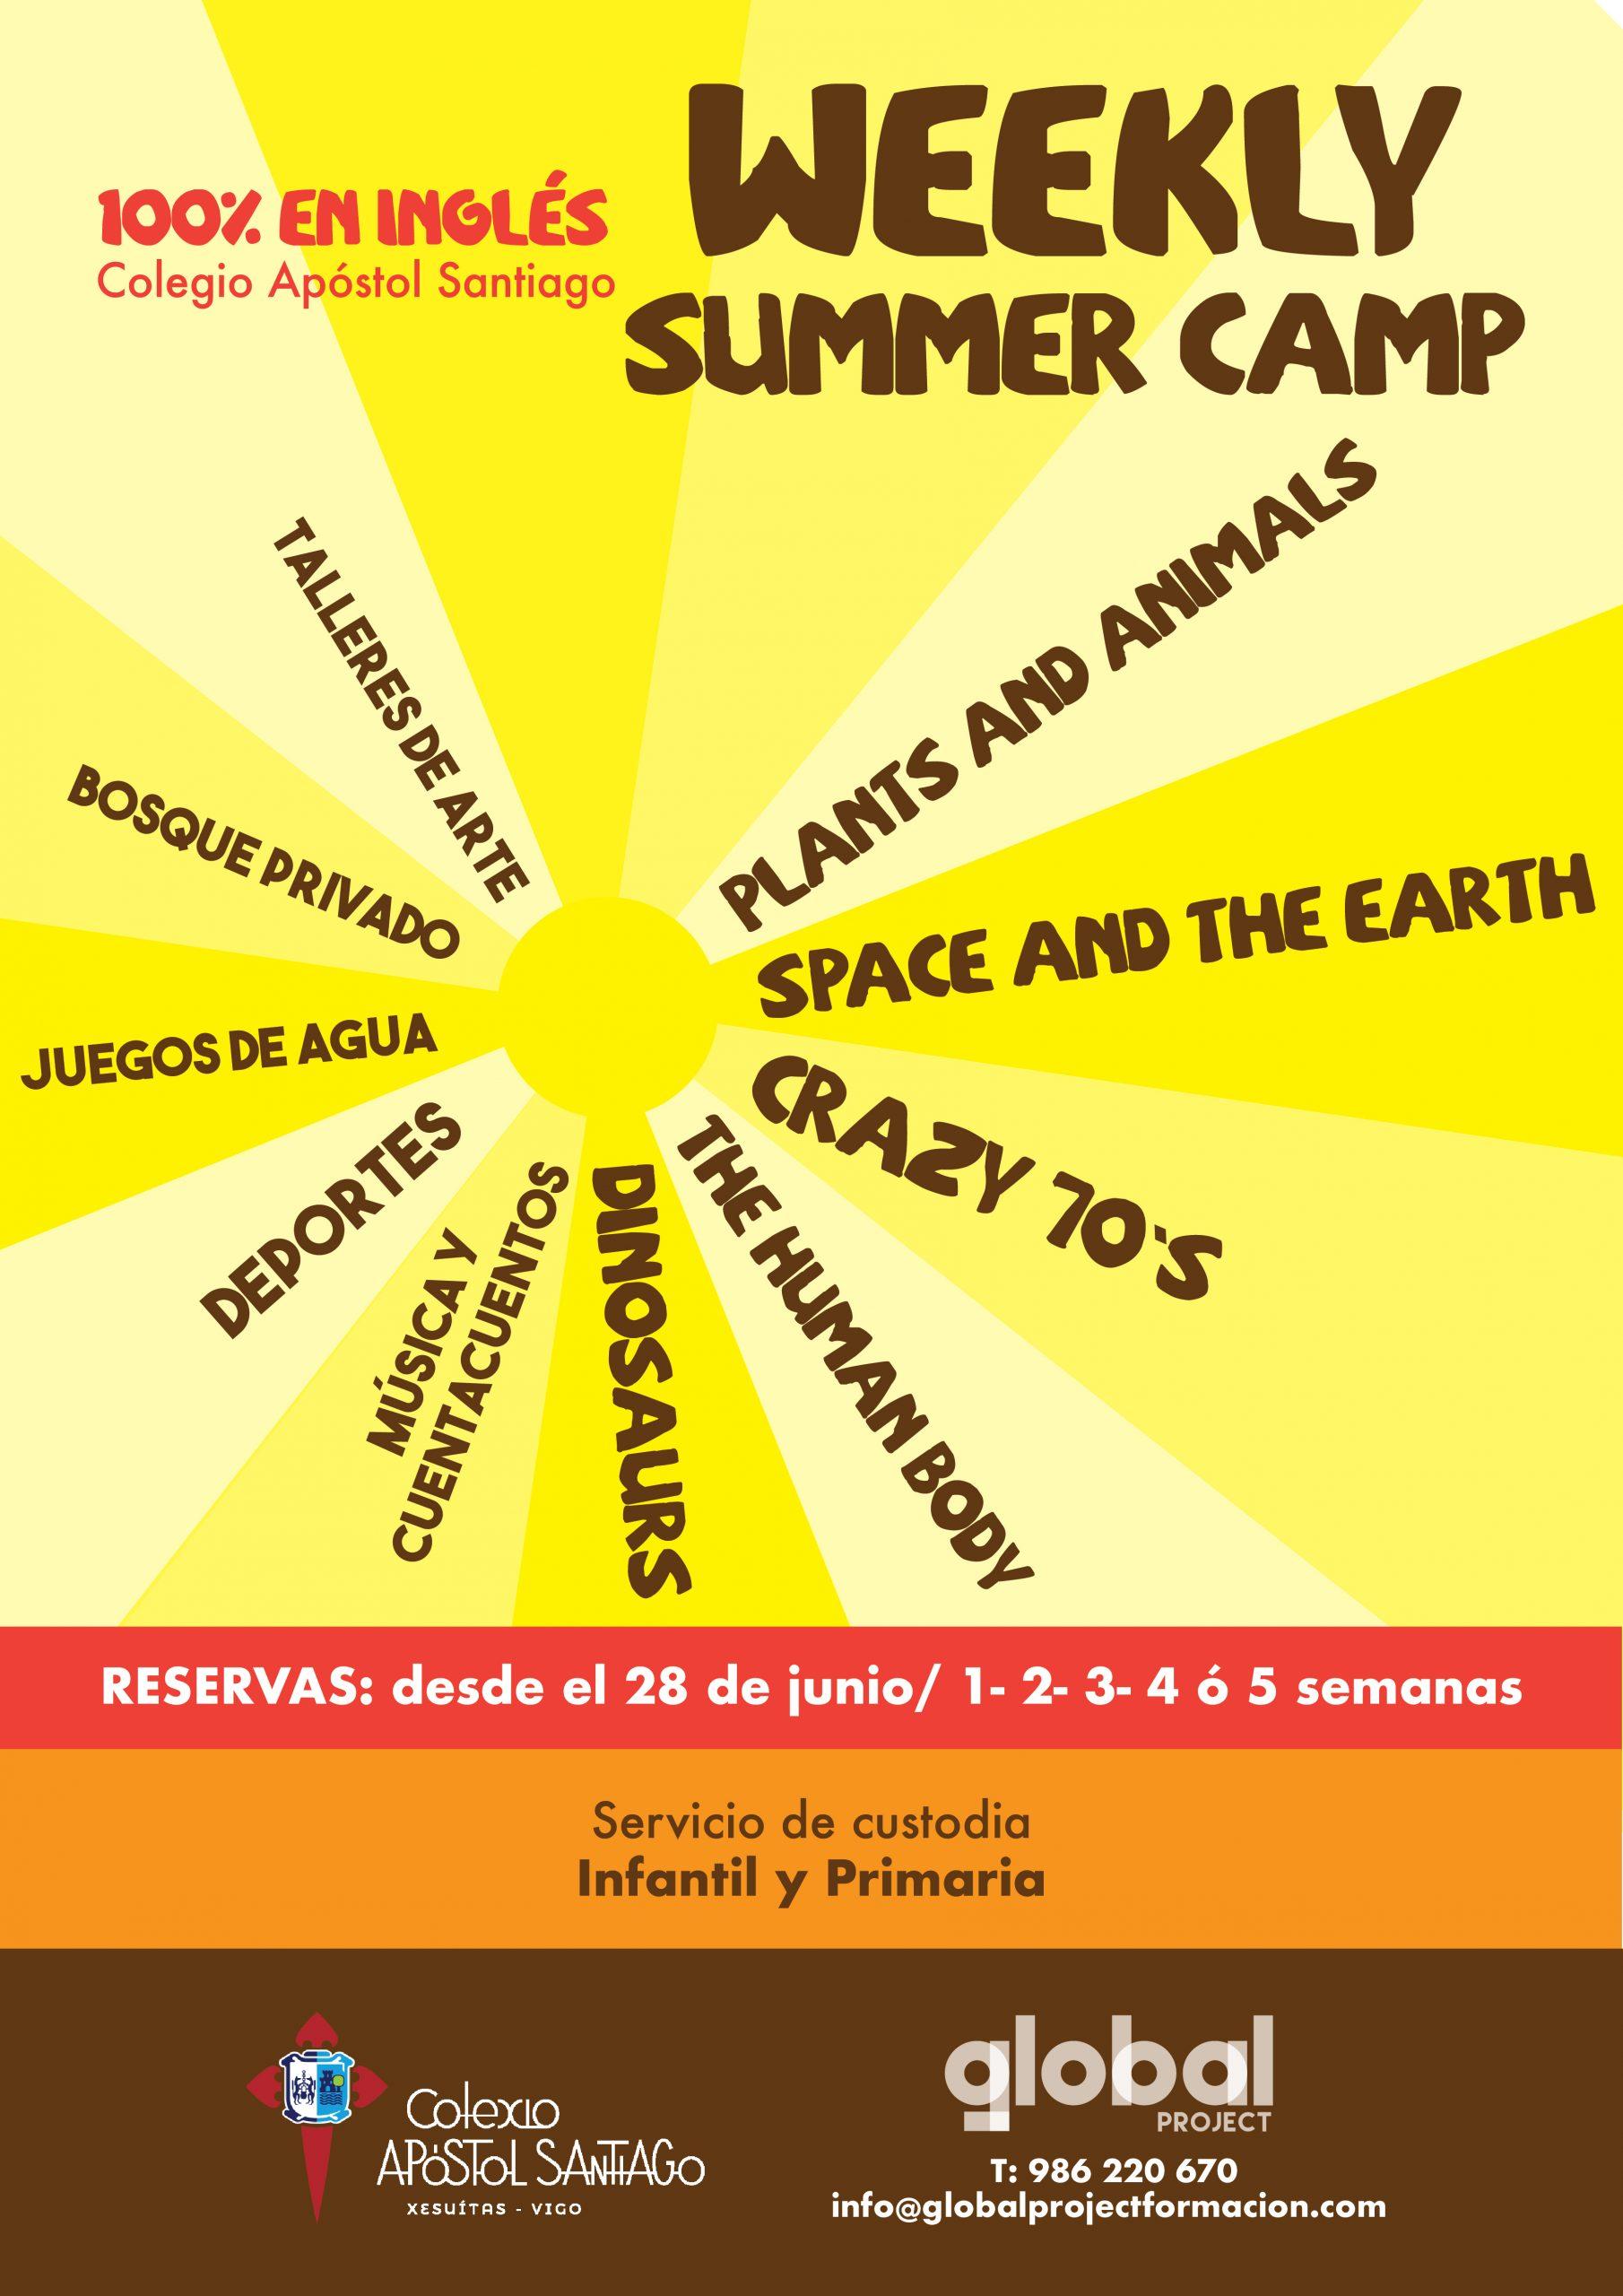 Este verán teremos campamentos en inglés